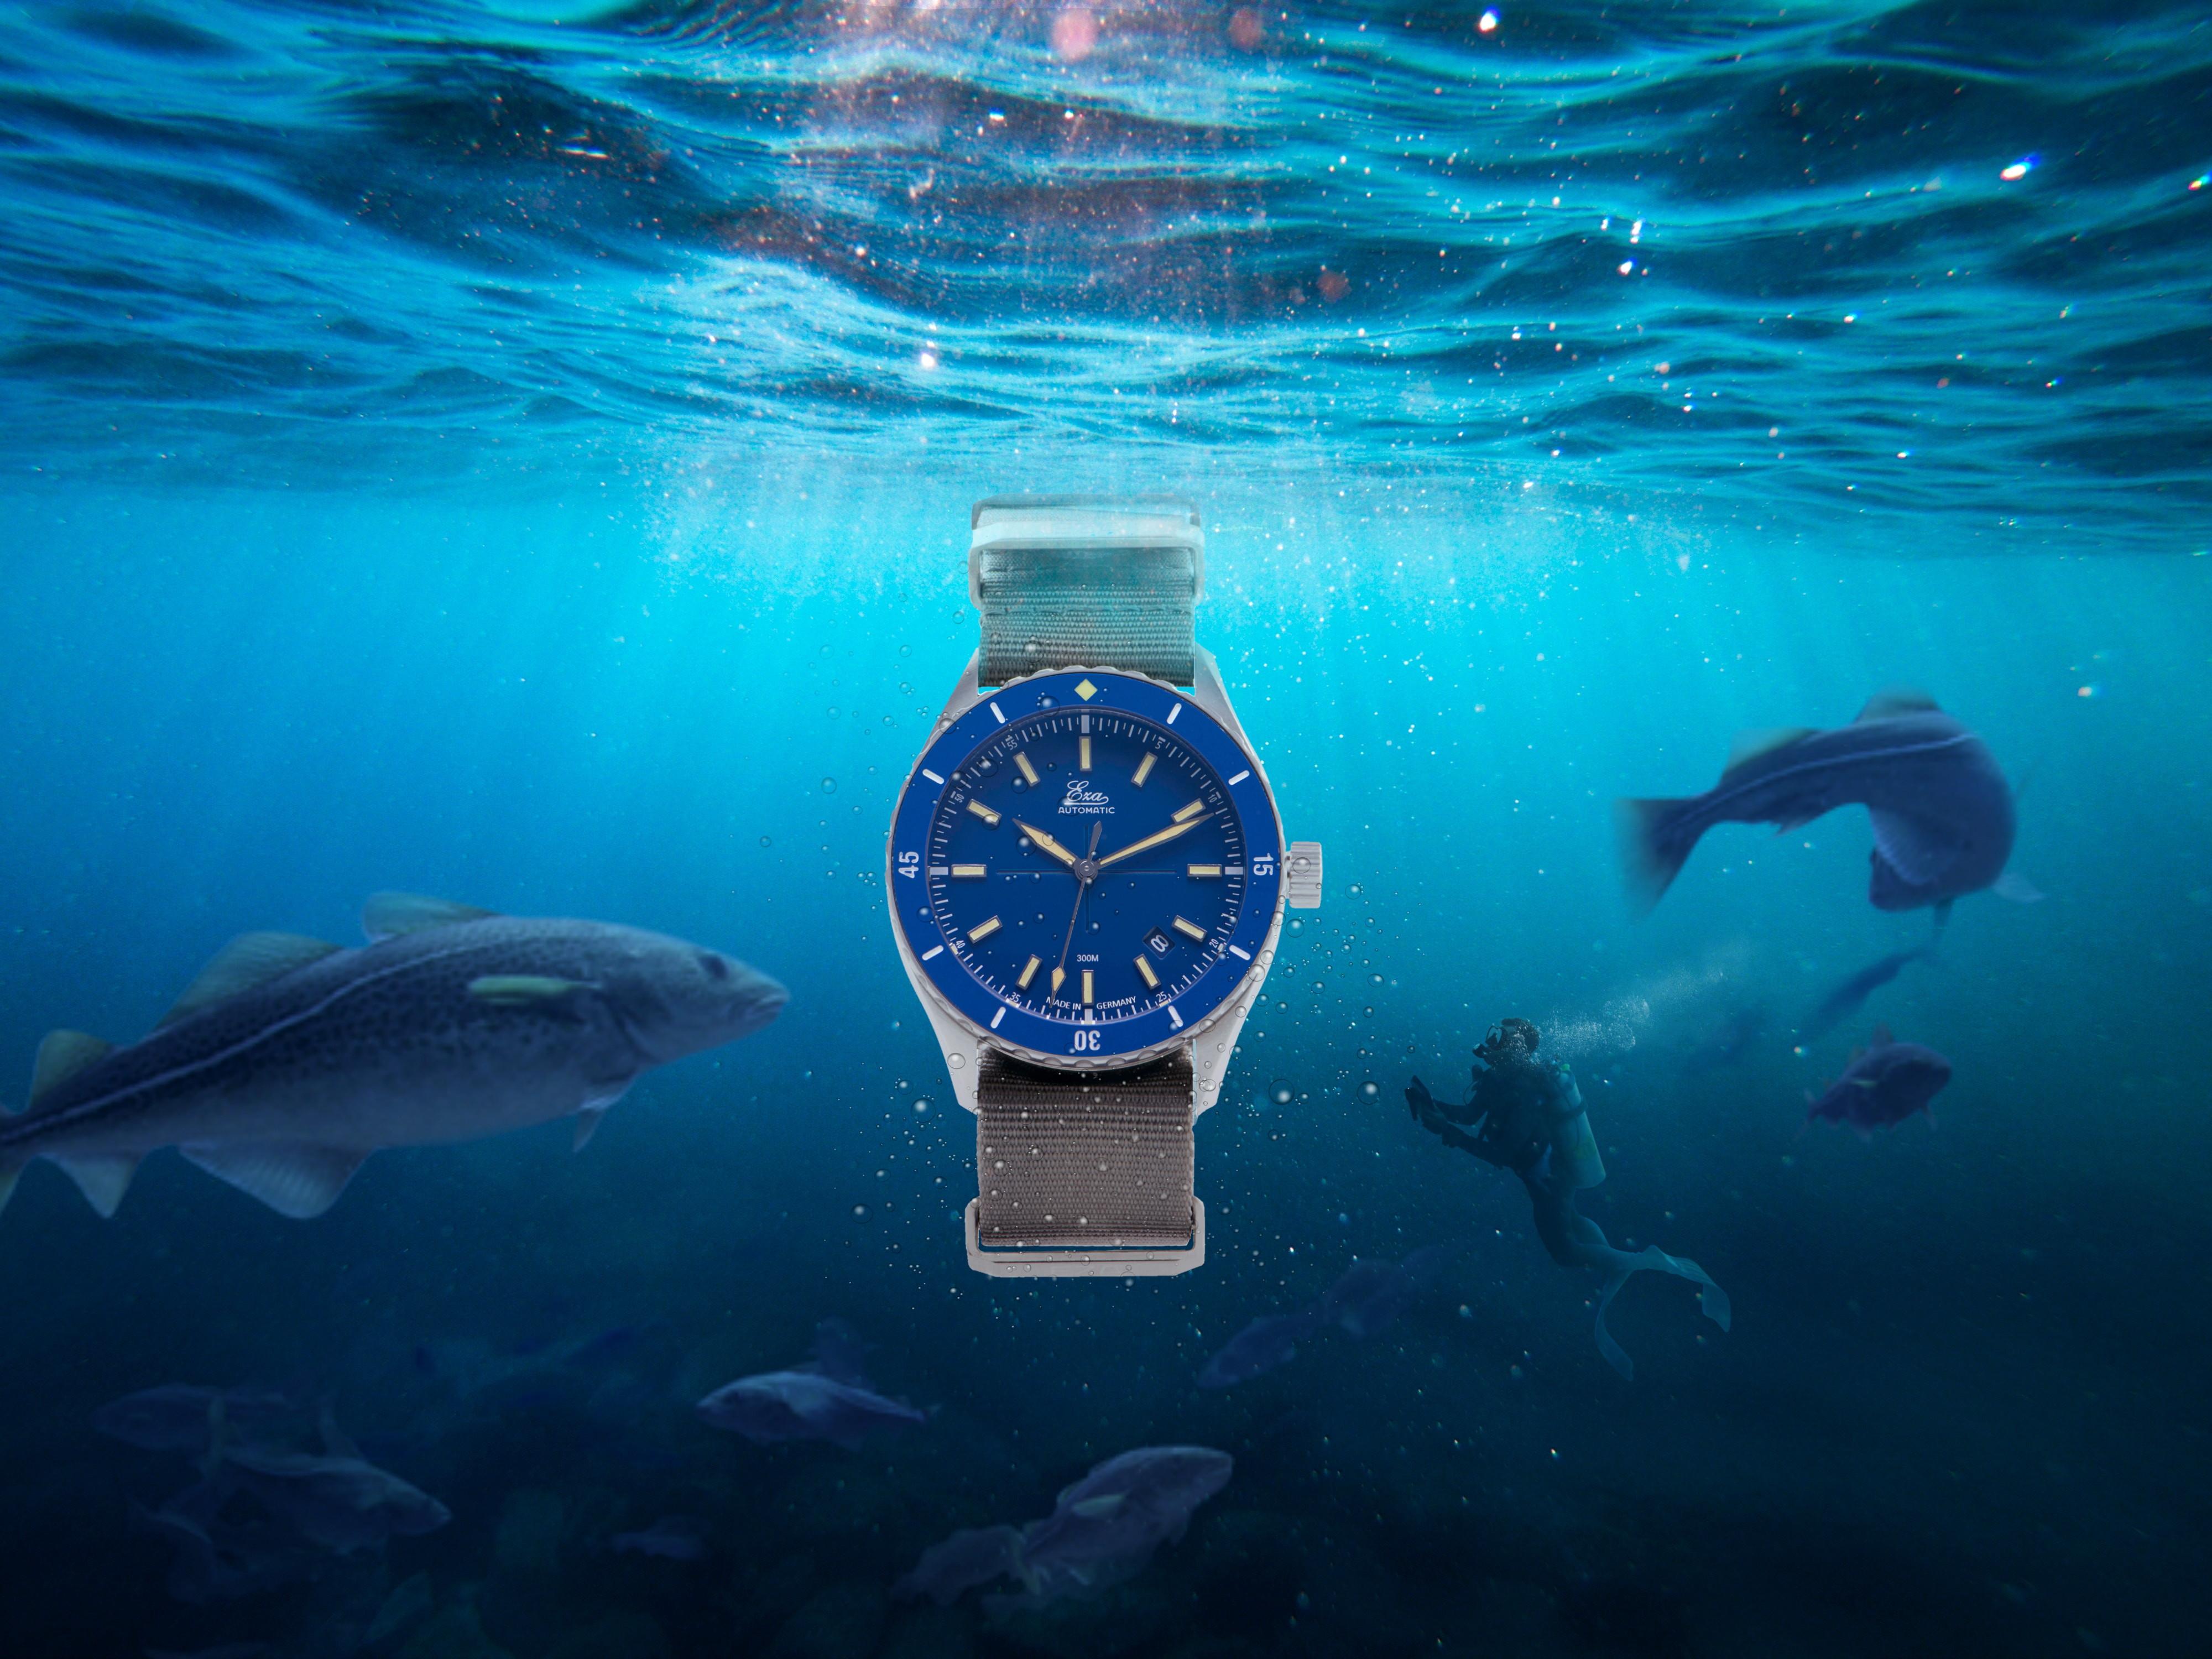 Horloge onderwater vergezelt door een duiker en vissen